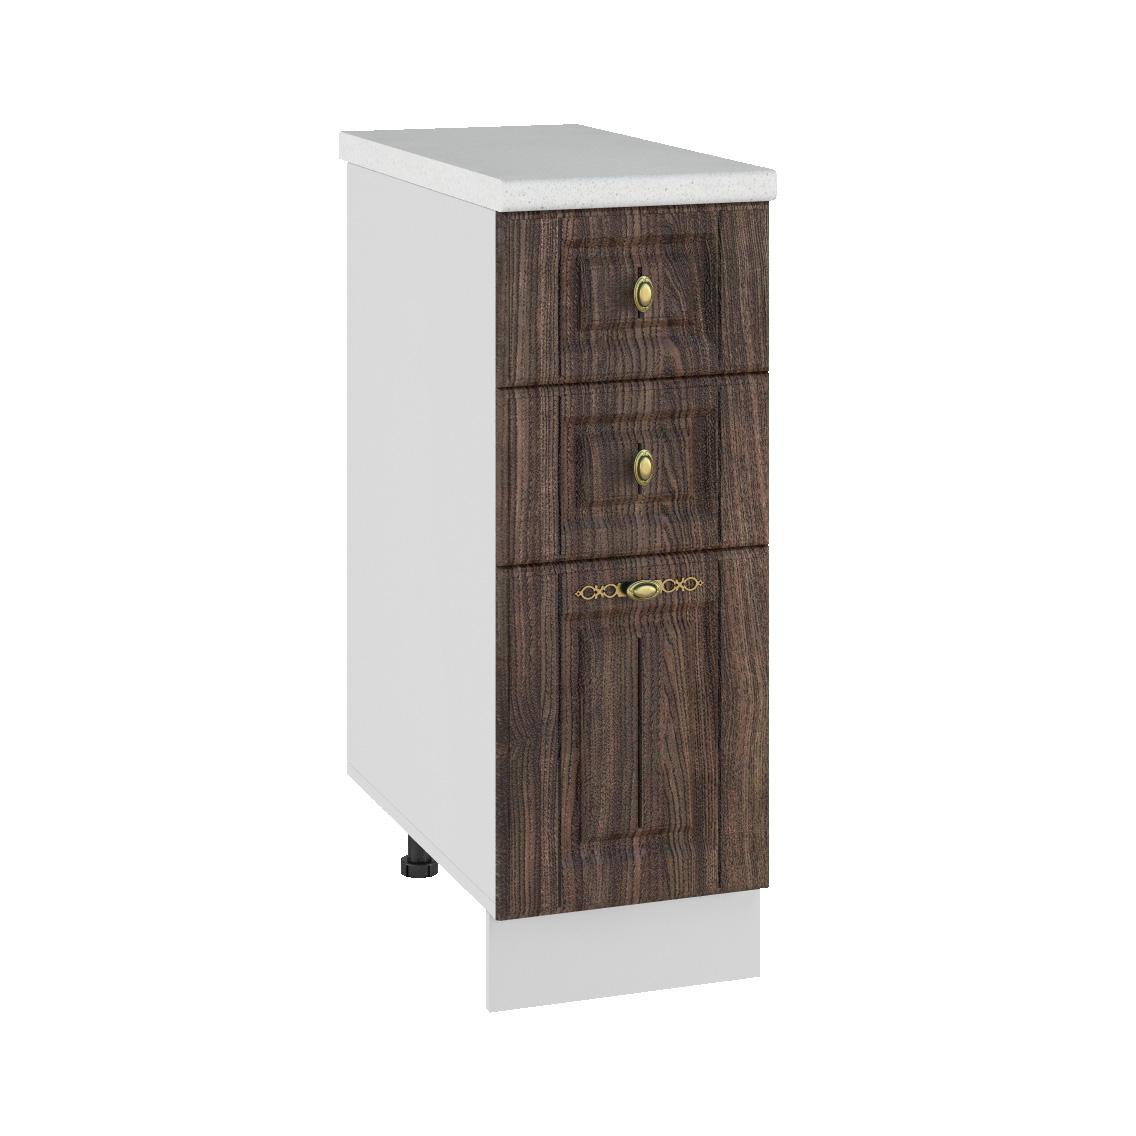 Кухня Империя СМЯ 300 ящики с метабоксами